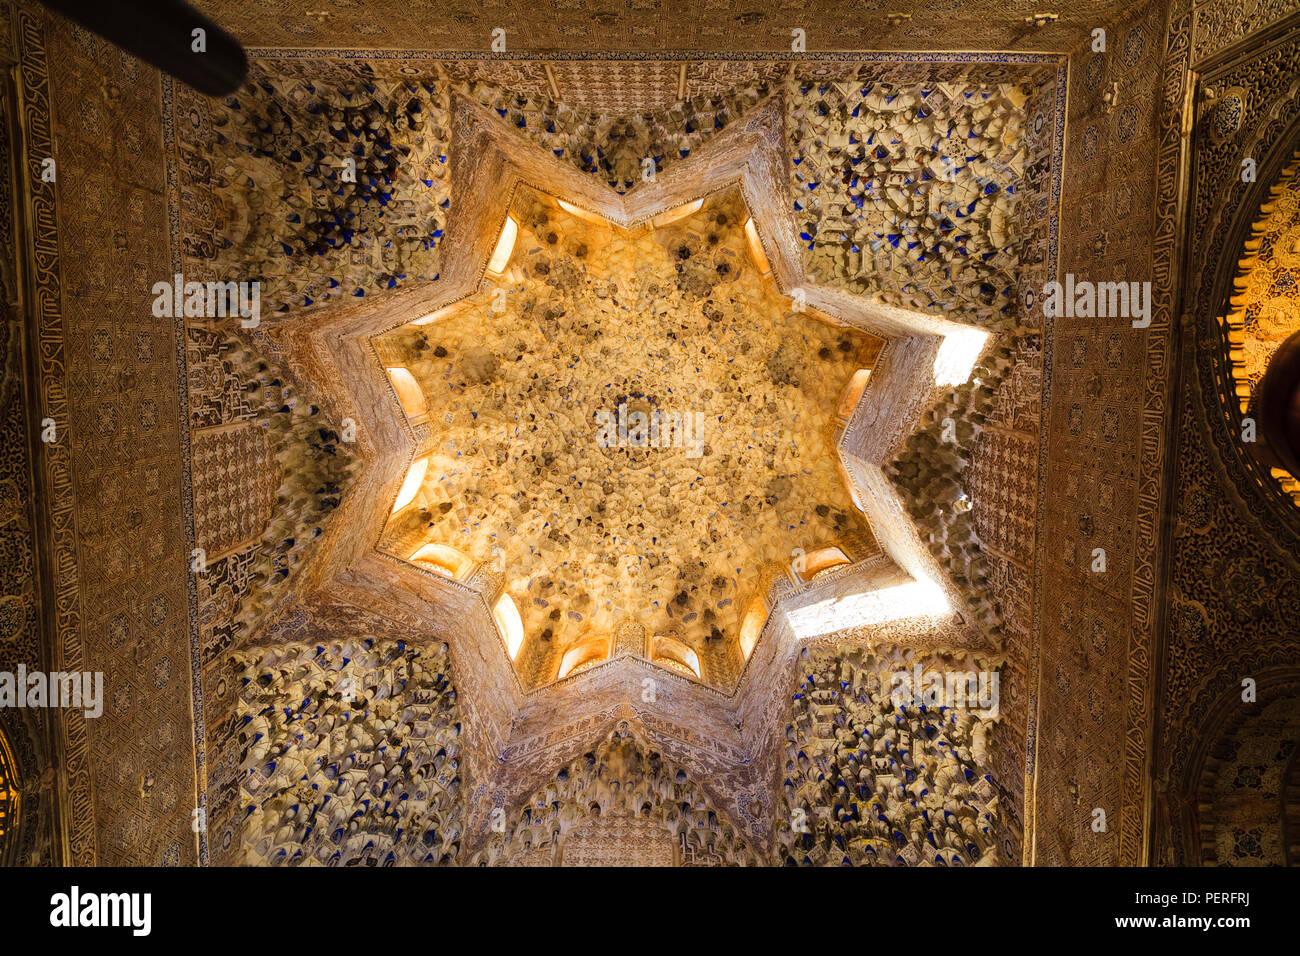 Cercando in ornato e decorativi di architettura islamica soffitto presso il Palazzo Alhambra di Granada Spagna Immagini Stock